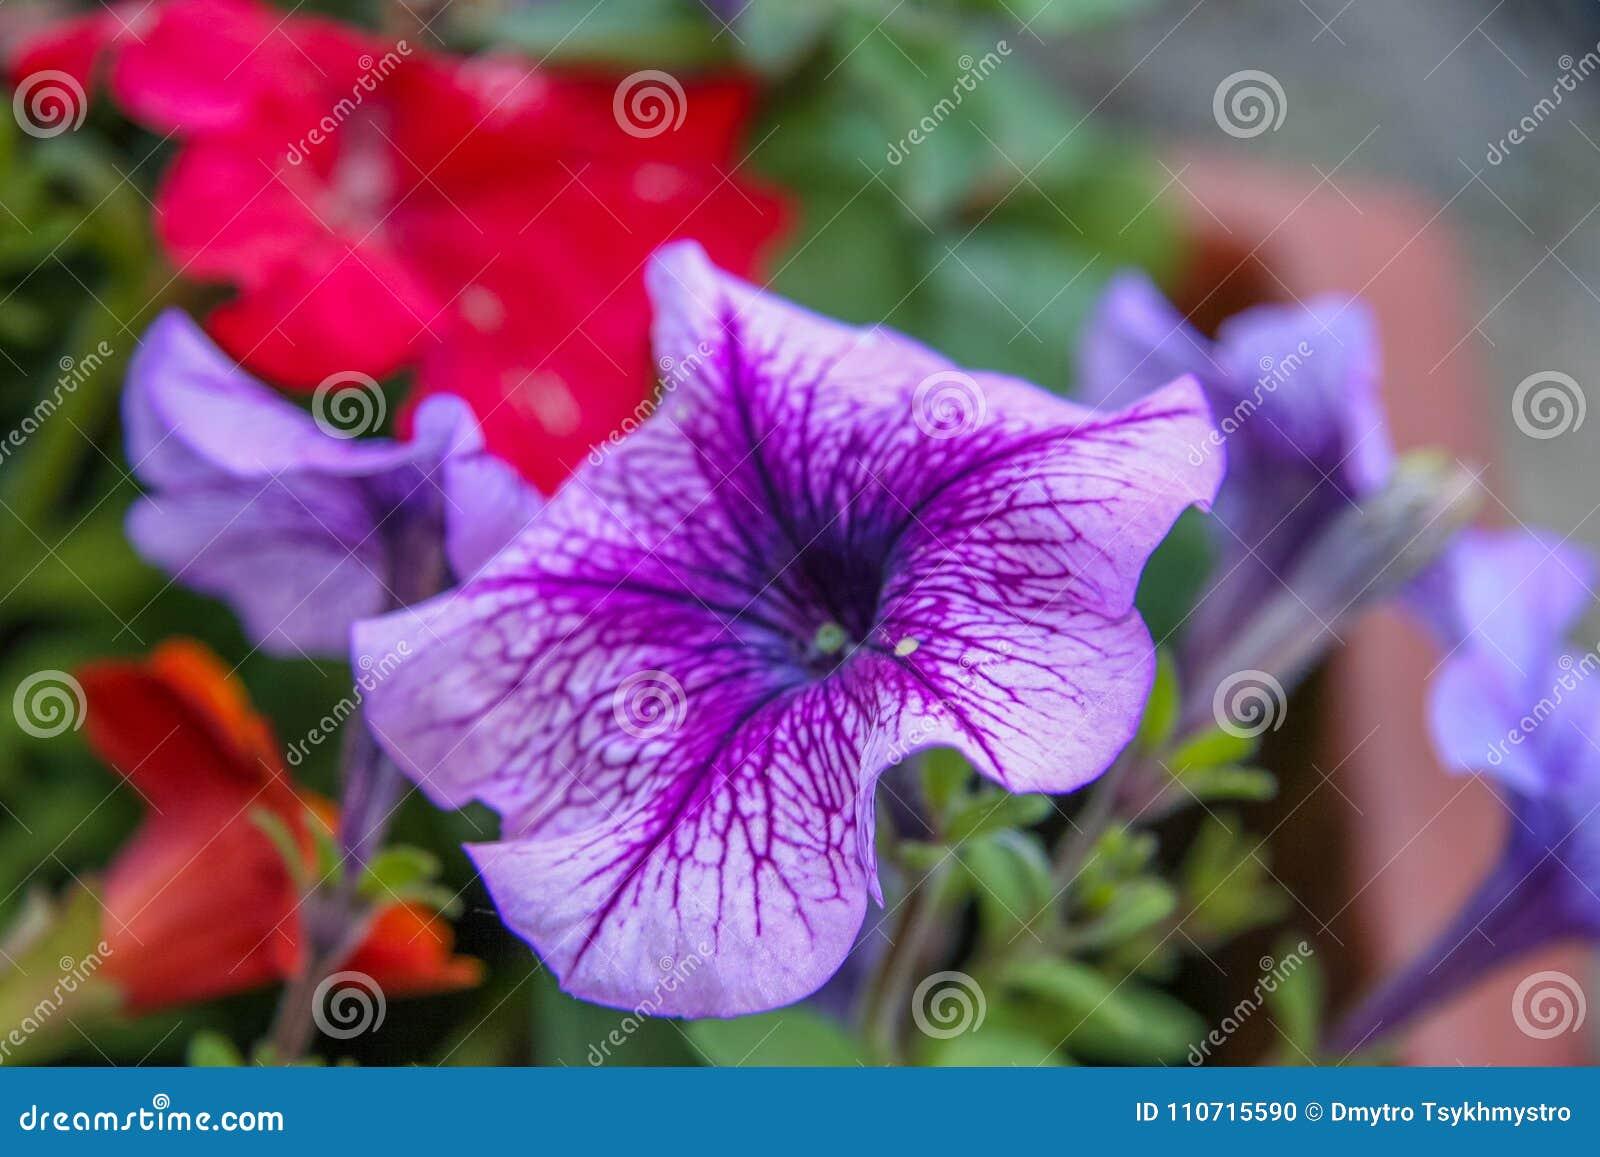 Faszinierend Blumen Mai Referenz Von Pattern Garten Der Im Frühjahr Im Stockfoto